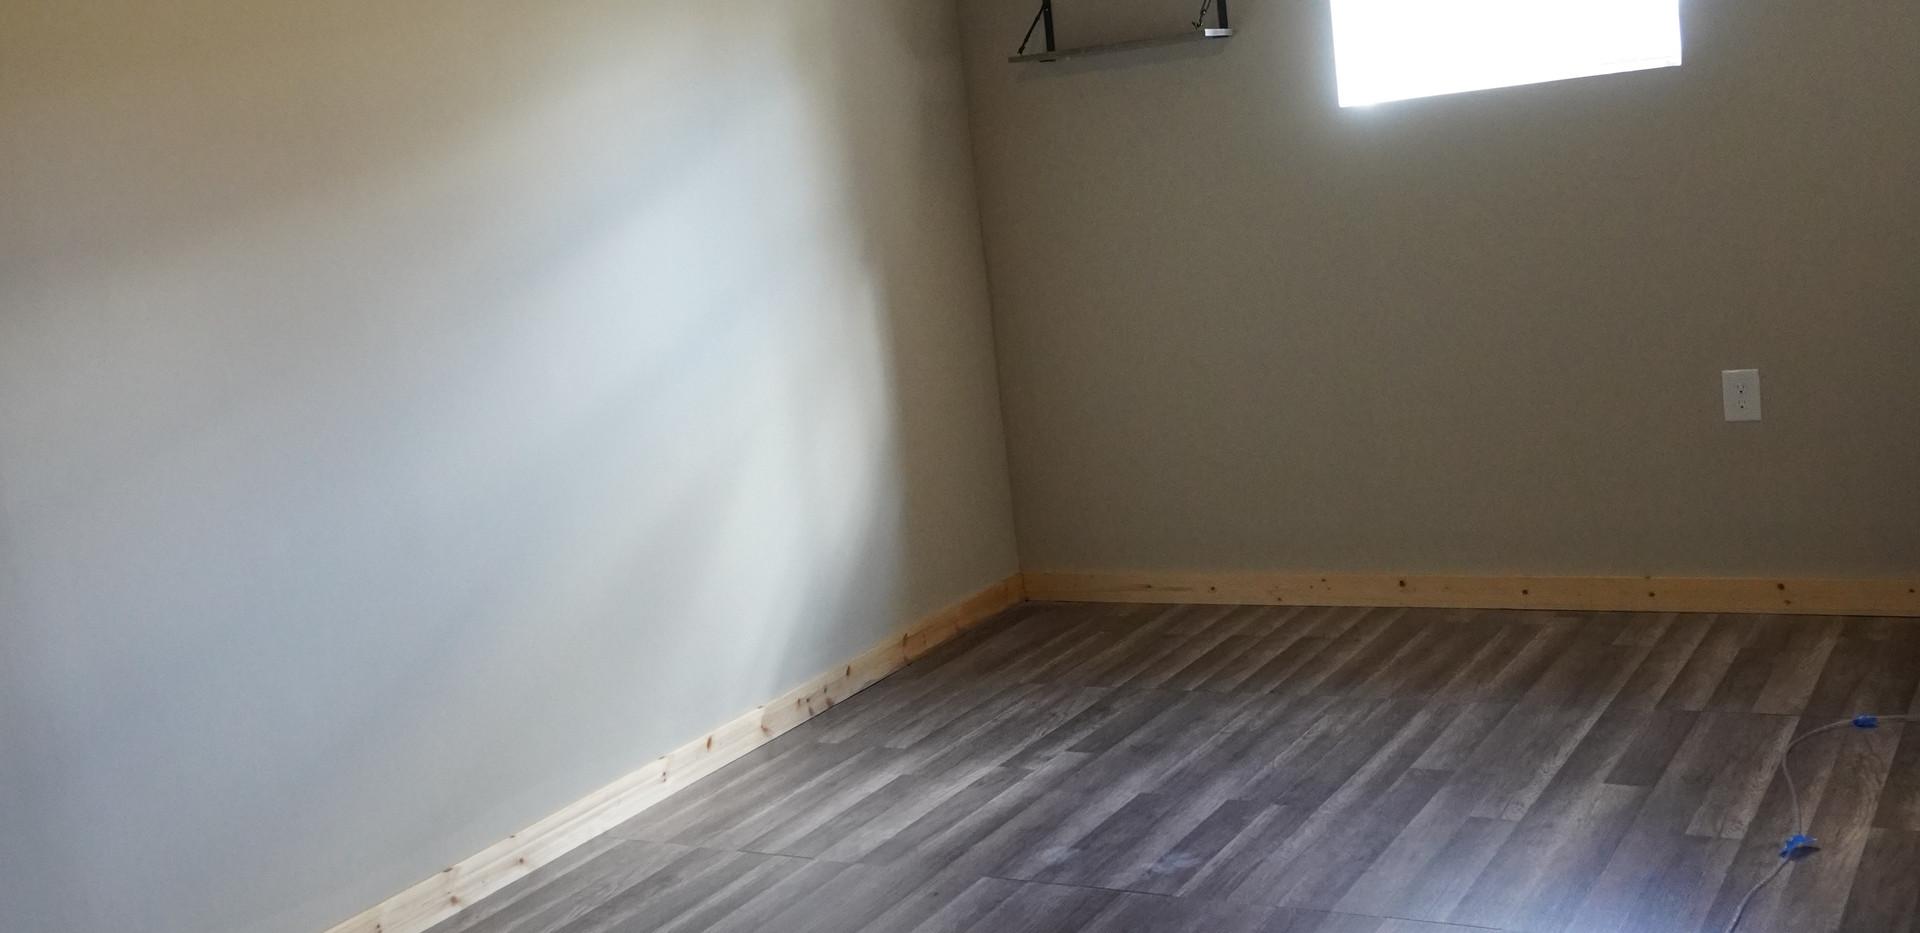 Bonus Room - 4th Bedroom